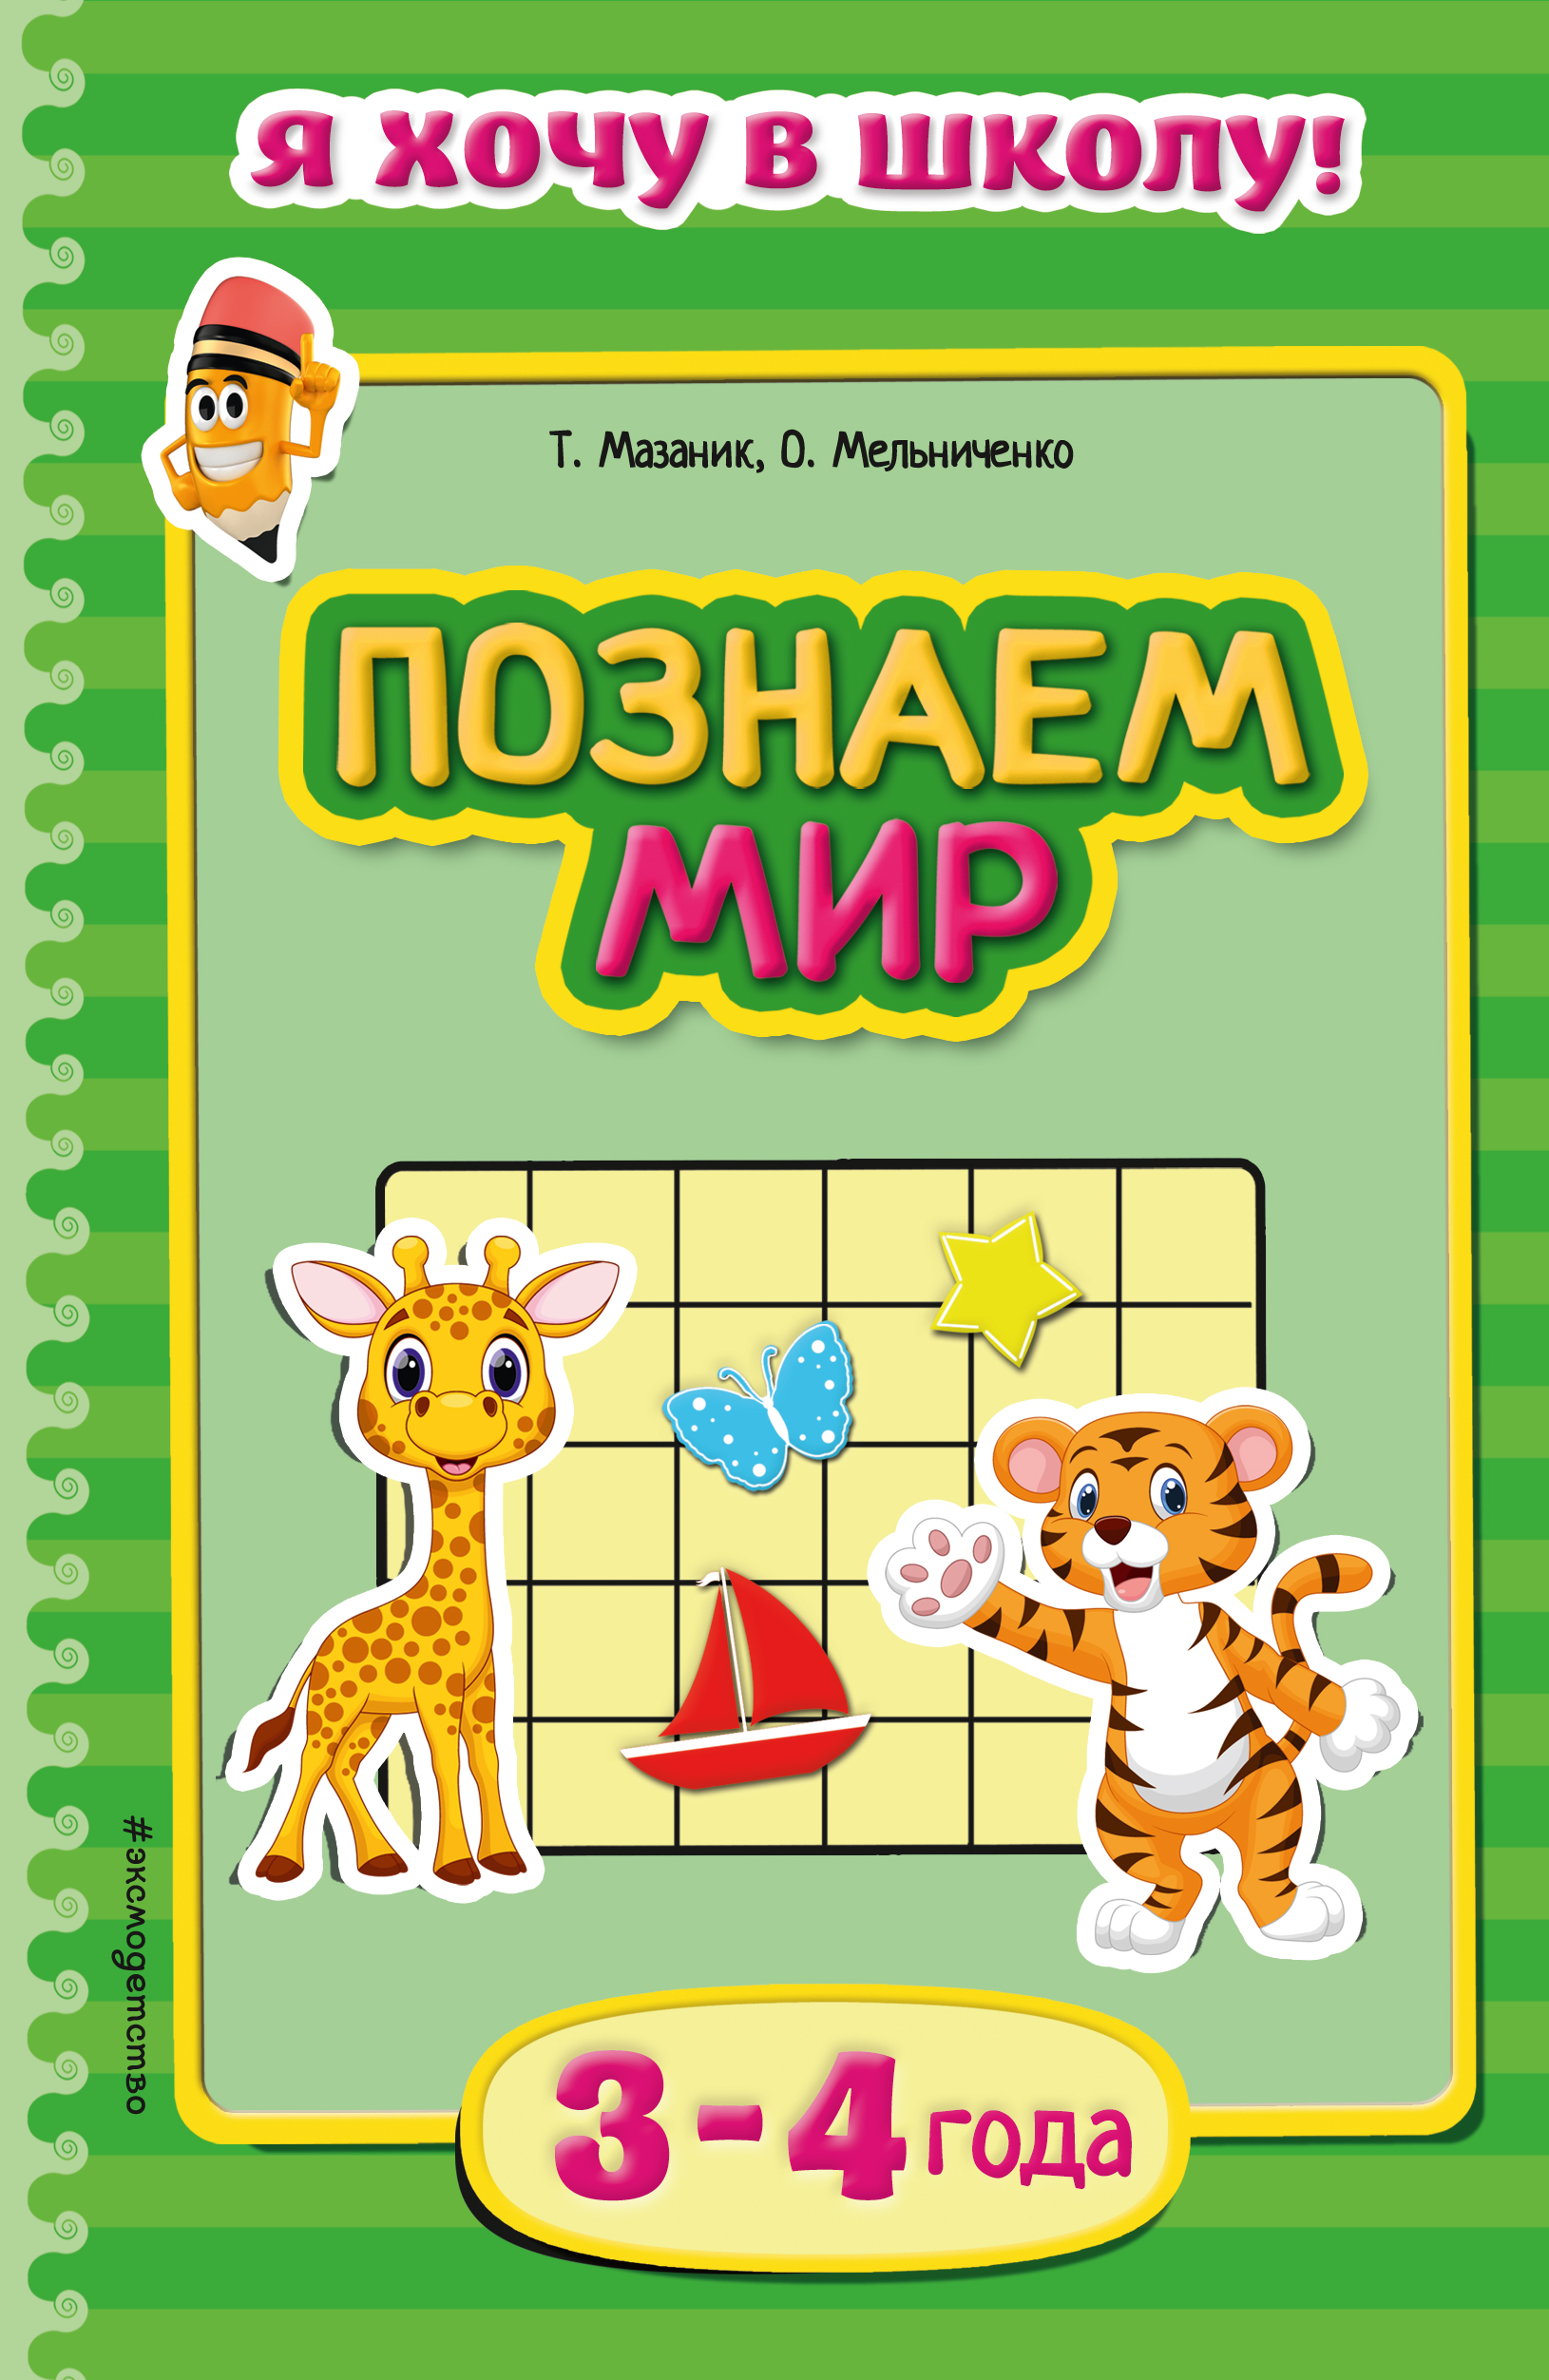 Познаем мир: для детей 3-4 лет ( Мазаник Т.М., Мельниченко О.  )